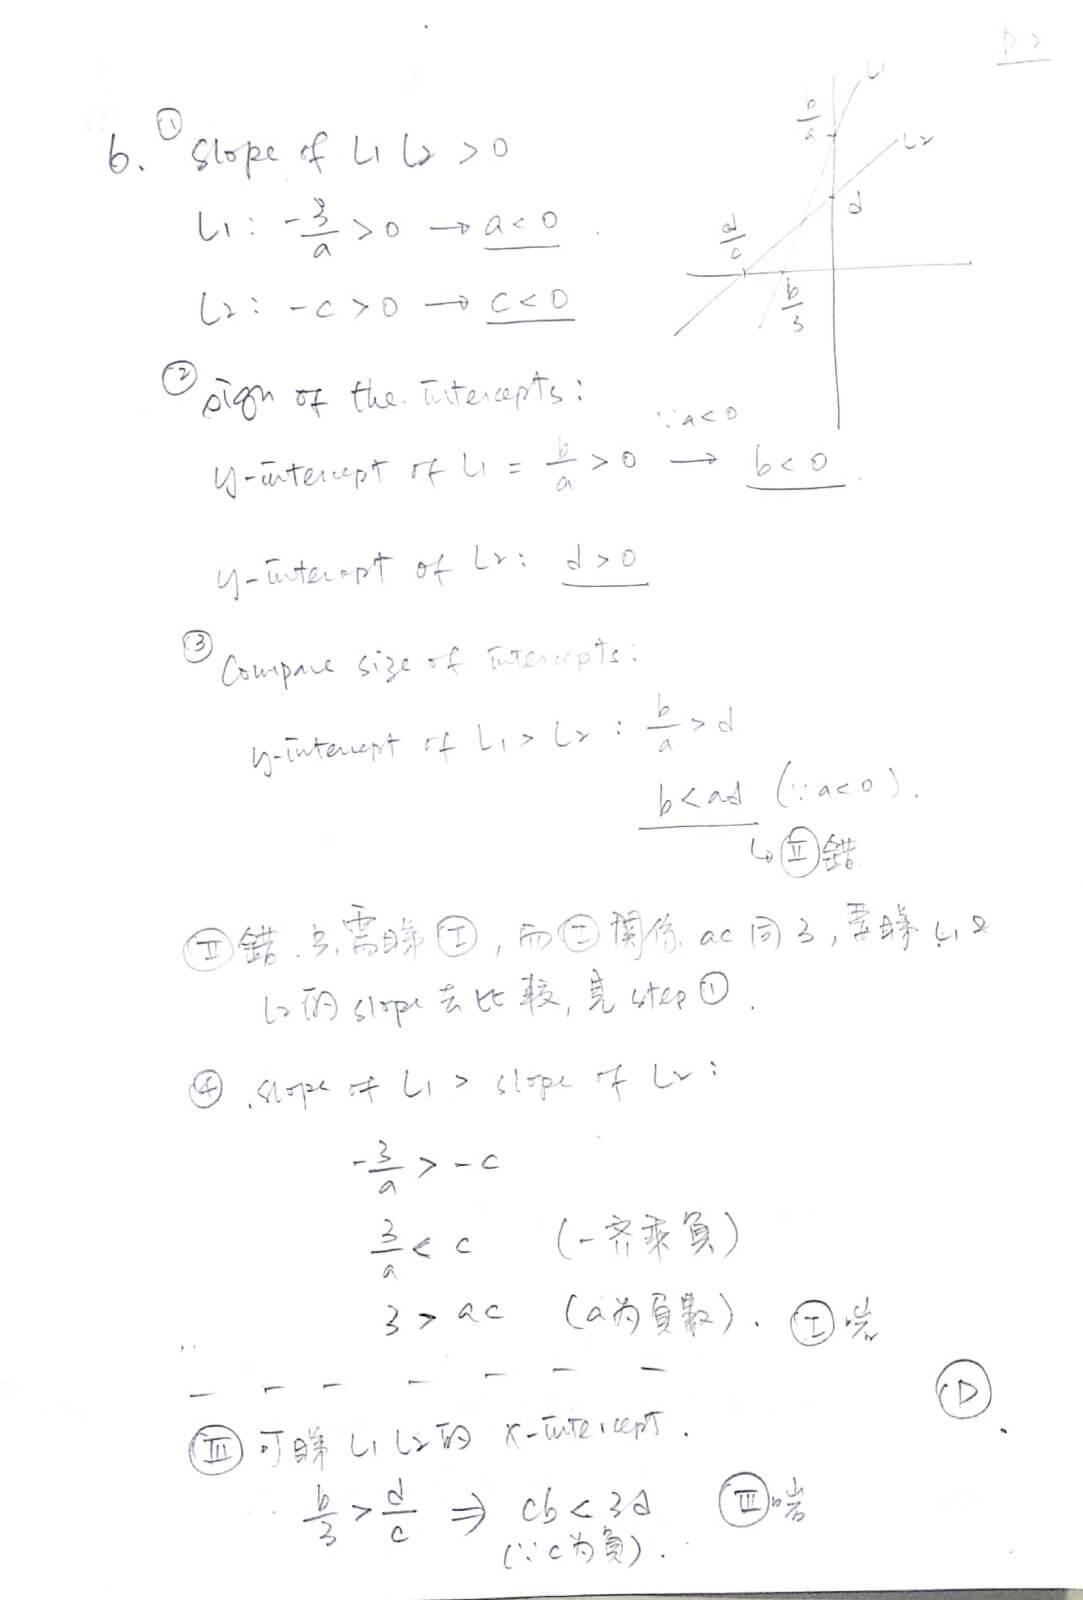 2018 DSE 數學卷二(MC) 詳細答案 Q6